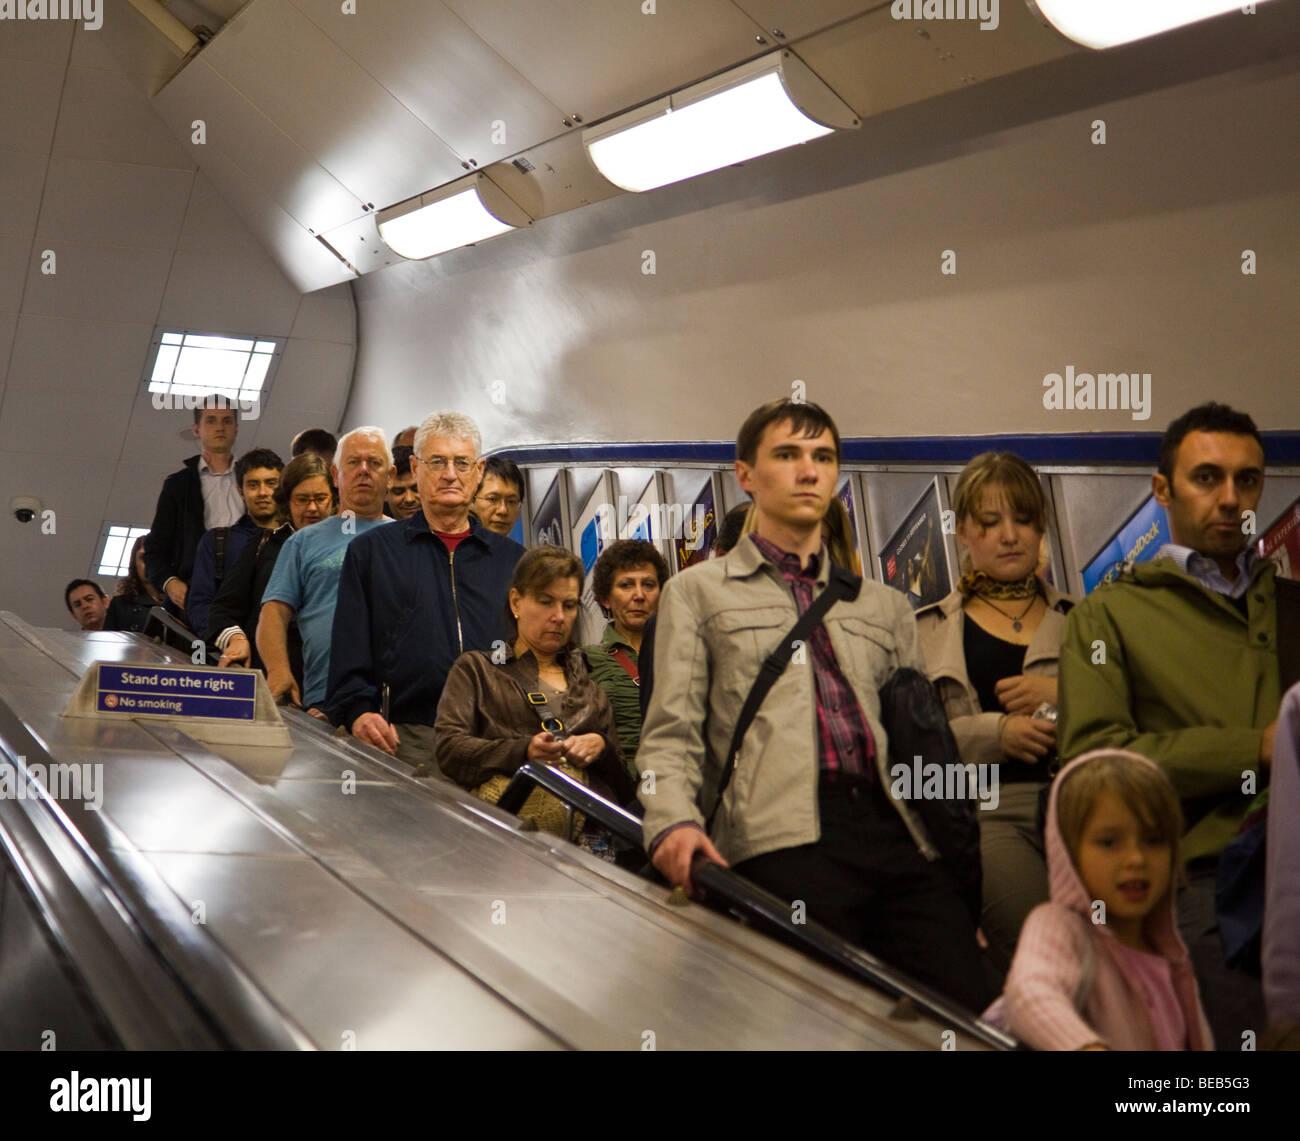 commuters on escalator, London Underground, London, England, UK - Stock Image